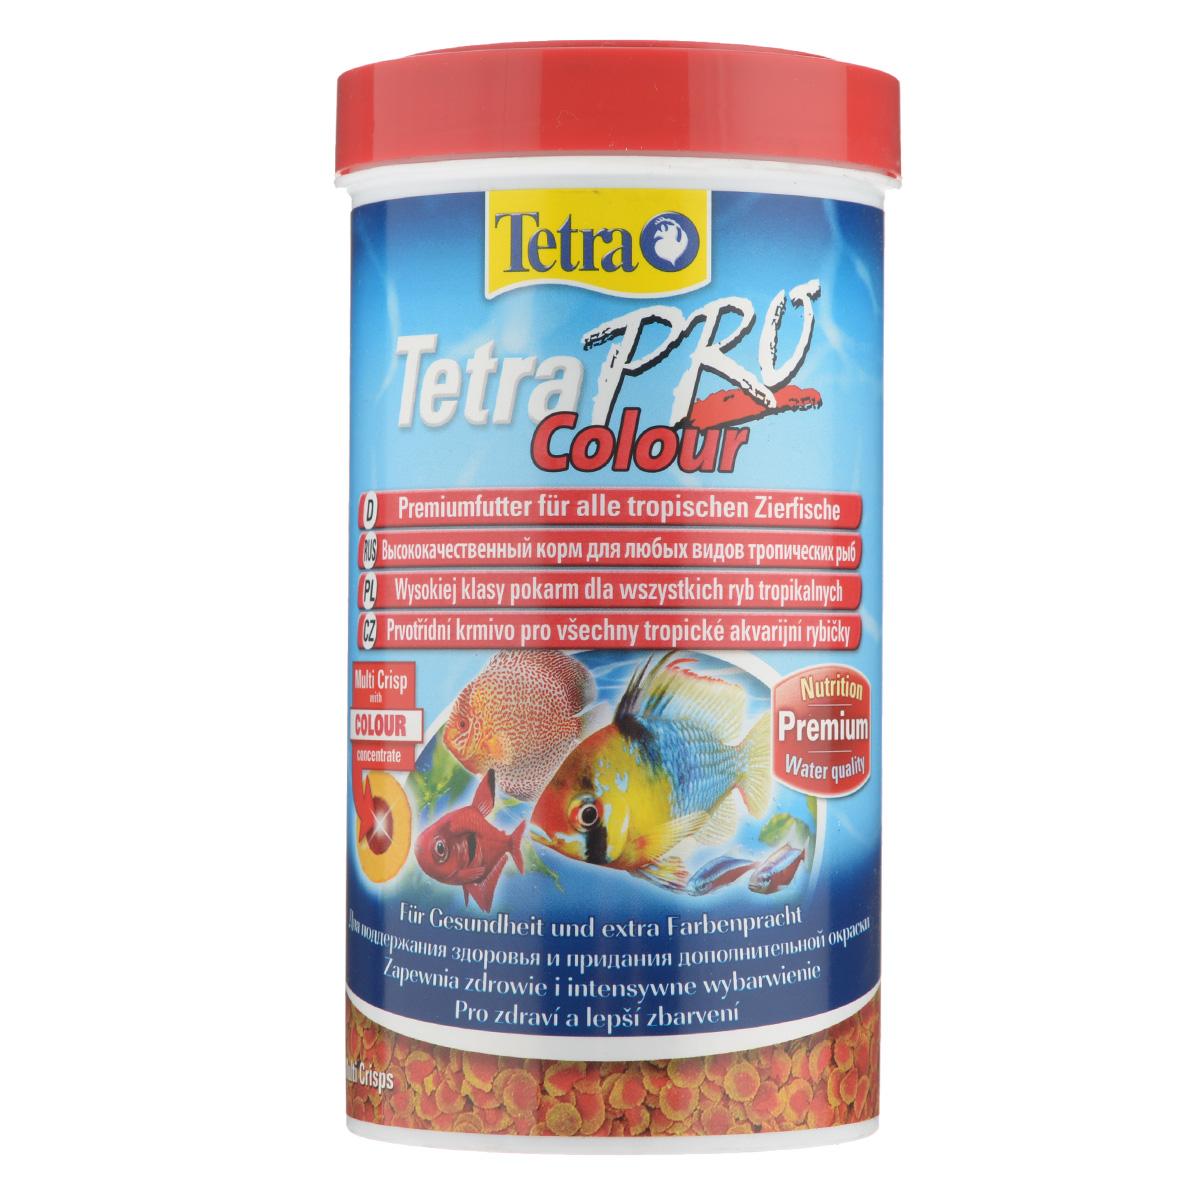 Корм сухой TetraPro Color для любых видов тропических рыб, в виде мульти-чипсов, 500 мл204454Полноценный растительный корм TetraPro Color улучшенный корм для полноценного, высокопитательного рациона. Особенности TetraPro Color: щадящая низкотемпературная технология изготовления для высокой питательной ценности и стабильности витаминов, цветной концентрат для превосходной природной окраски, инновационная форма чипсов для минимального загрязнения воды, идеально подходит для любых видов разноцветных рыб, легкое кормление. Рекомендации по кормлению: кормить несколько раз в день маленькими порциями. Характеристики: Состав: рыба и побочные рыбные продукты, зерновые культуры, экстракты растительного белка, дрожжи, моллюски и раки, масла и жиры, водоросли. Пищевая ценность: сырой белок - 46%, сырые масла и жиры - 12%, сырая клетчатка - 3%, влага - 9%. Добавки: витамины, провитамины и химические вещества с аналогичным воздействием, витамин А 29810 МЕ/кг, витамин Д3 1860 МЕ/кг,...